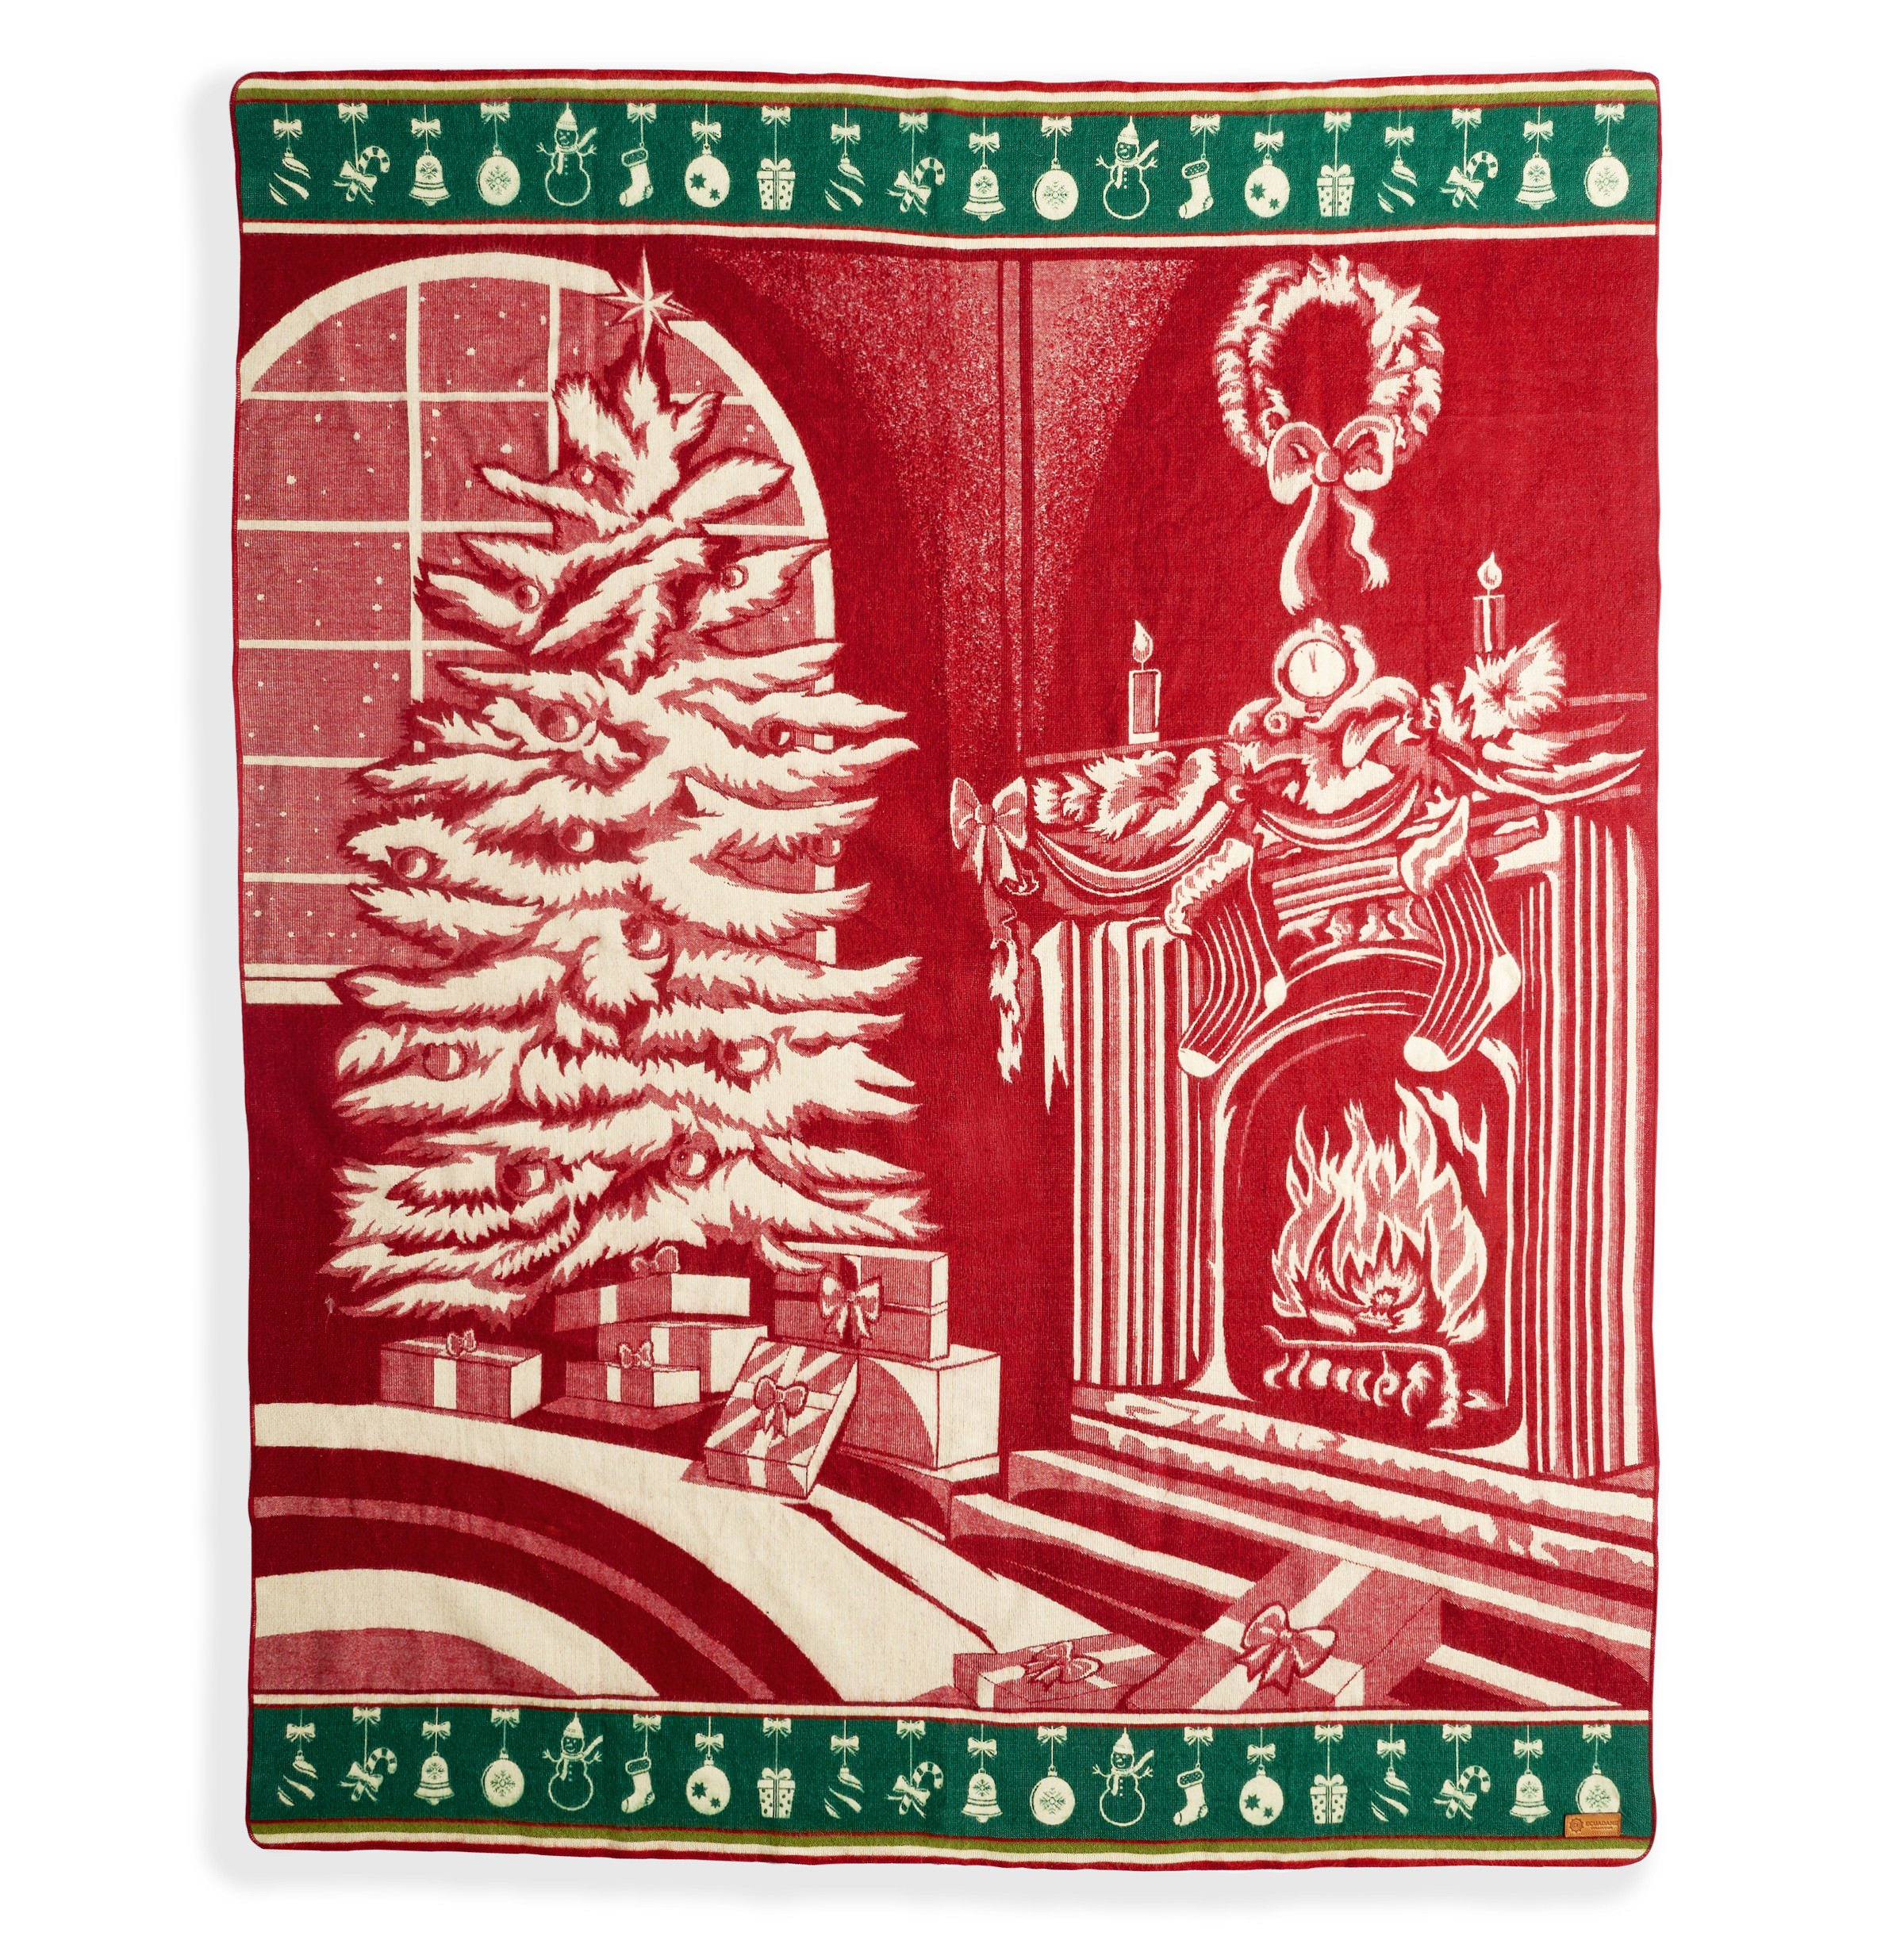 """Ecuadane Southwestern Christmas Large Woven blanket made in Ecuador 82"""" x 93"""""""